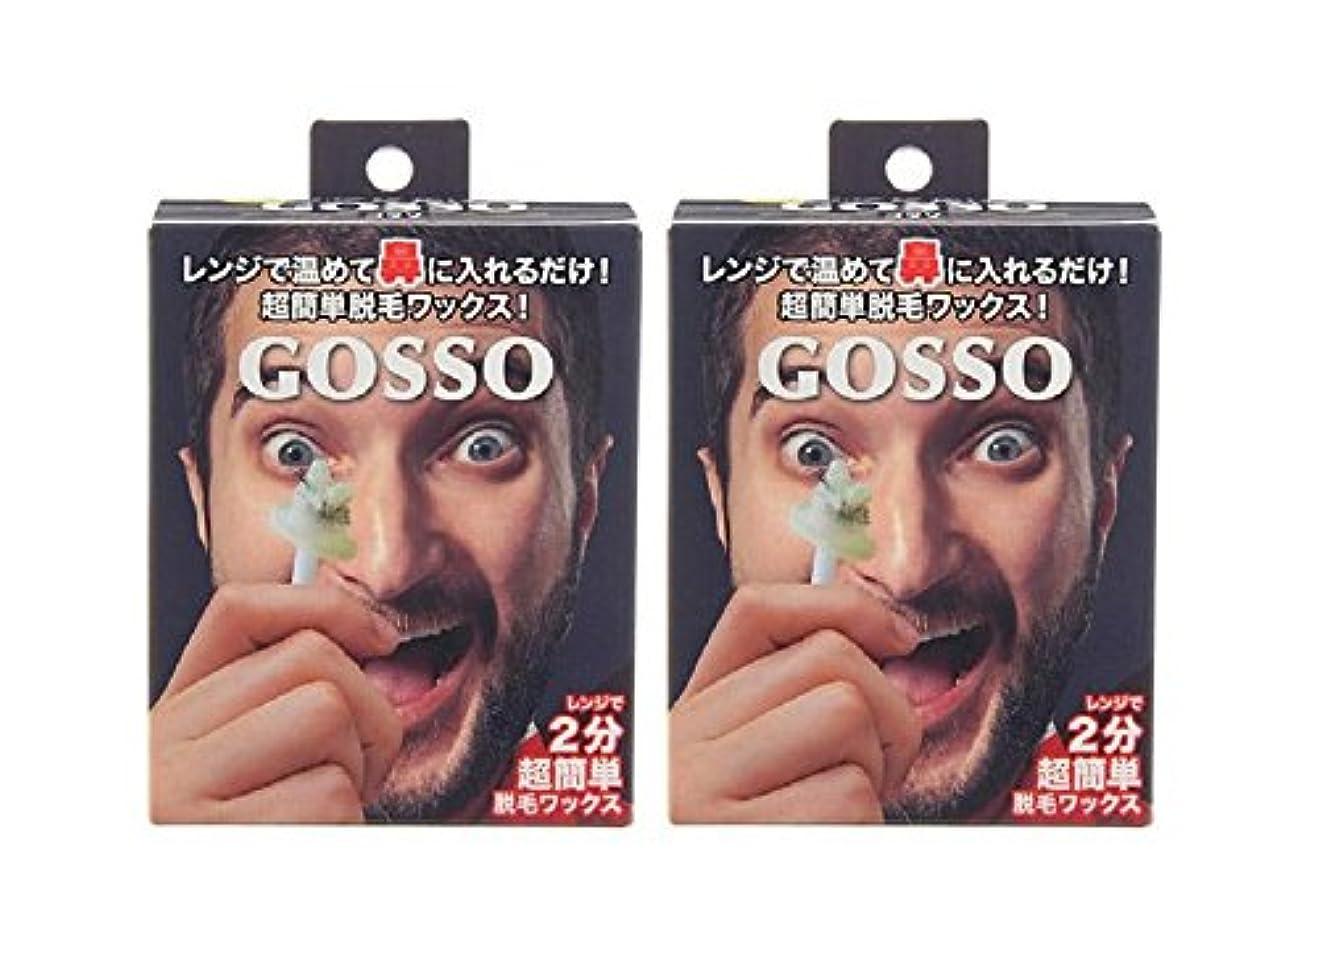 蜜クリップ化粧GOSSO ゴッソ 鼻毛脱毛ワックス 両鼻10回分×2箱セット